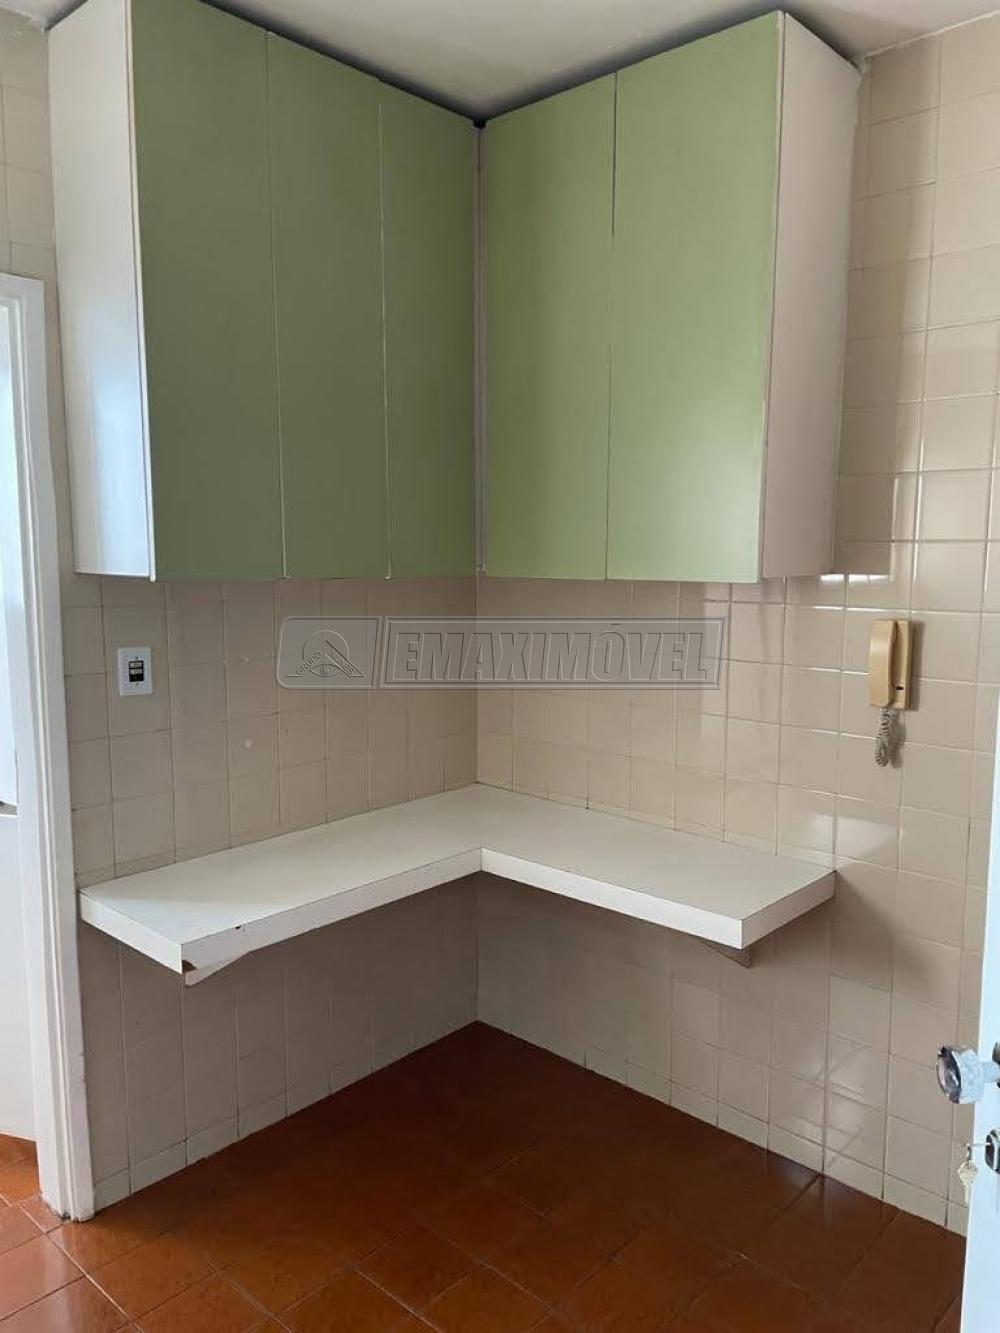 Comprar Apartamento / Padrão em Sorocaba R$ 400.000,00 - Foto 14